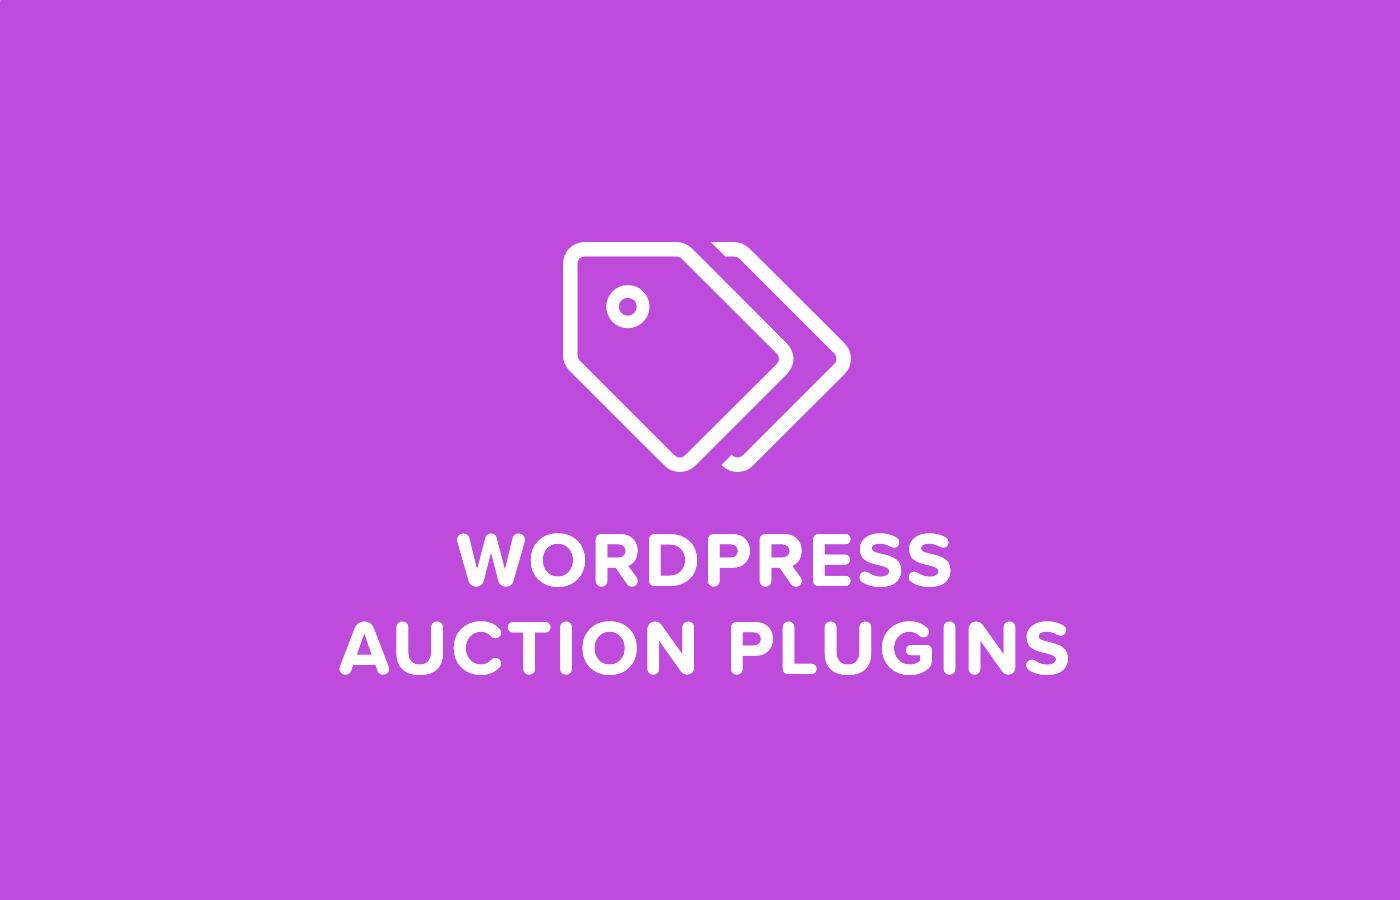 6 Best WordPress Auction Plugins